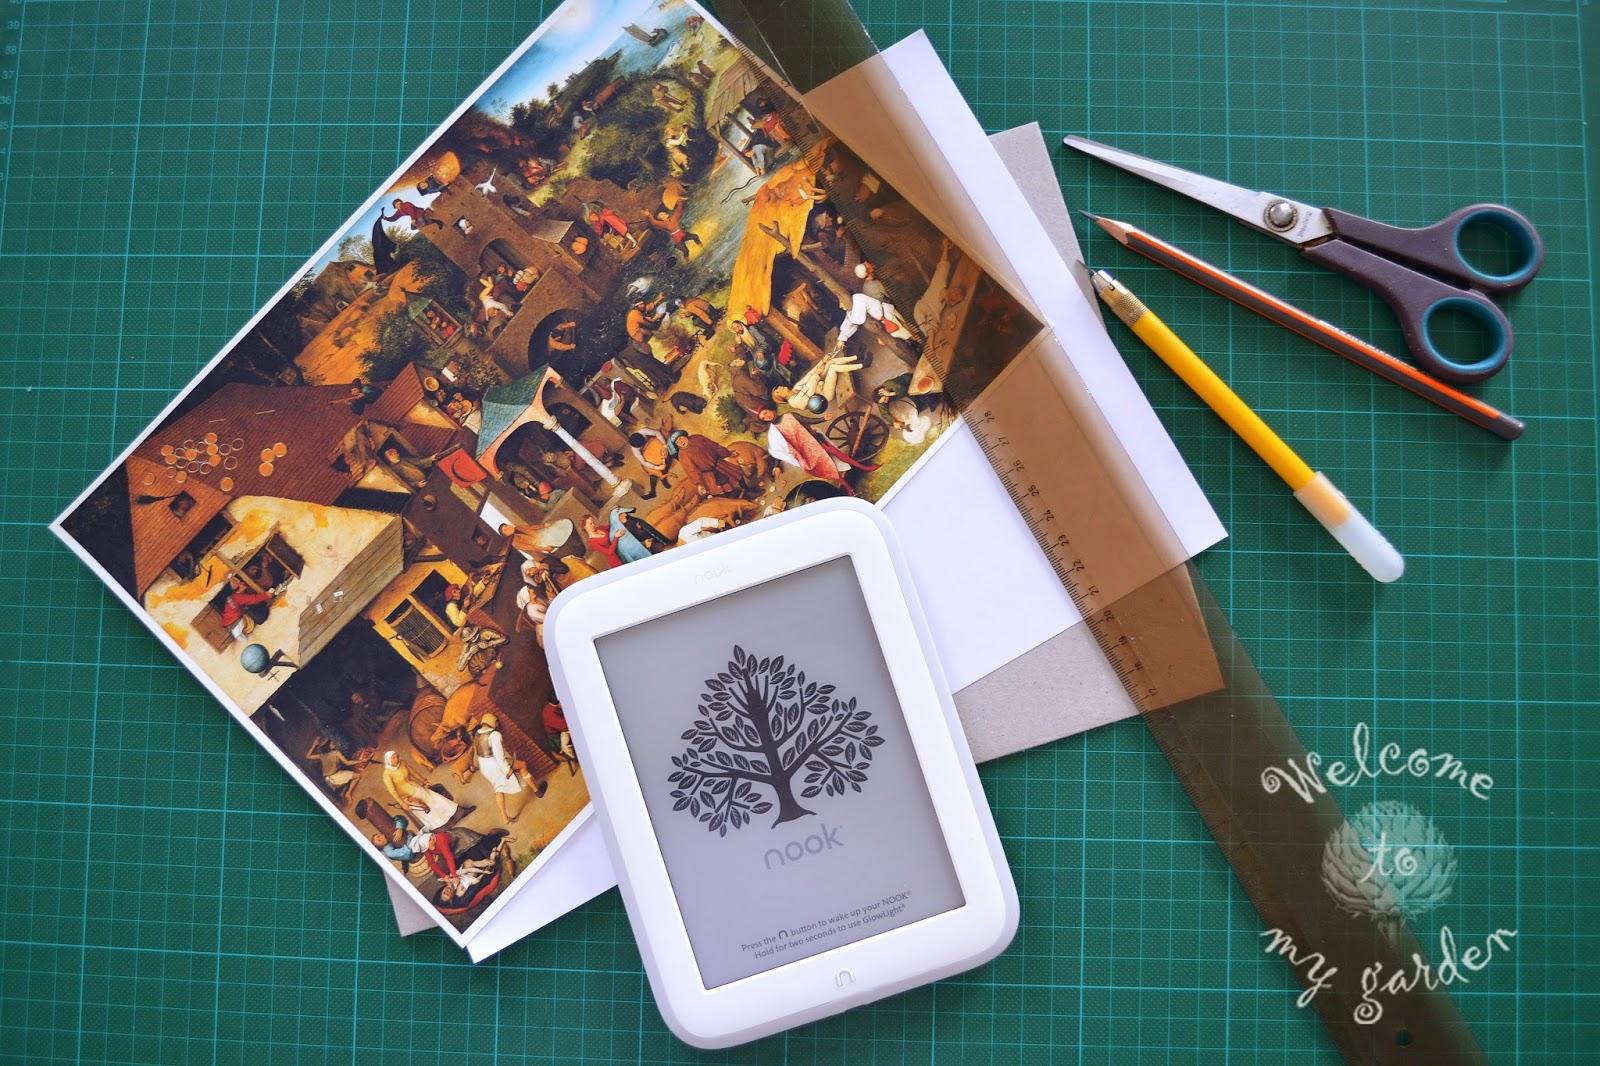 Обложка для электронной книги своими руками мастер-класс